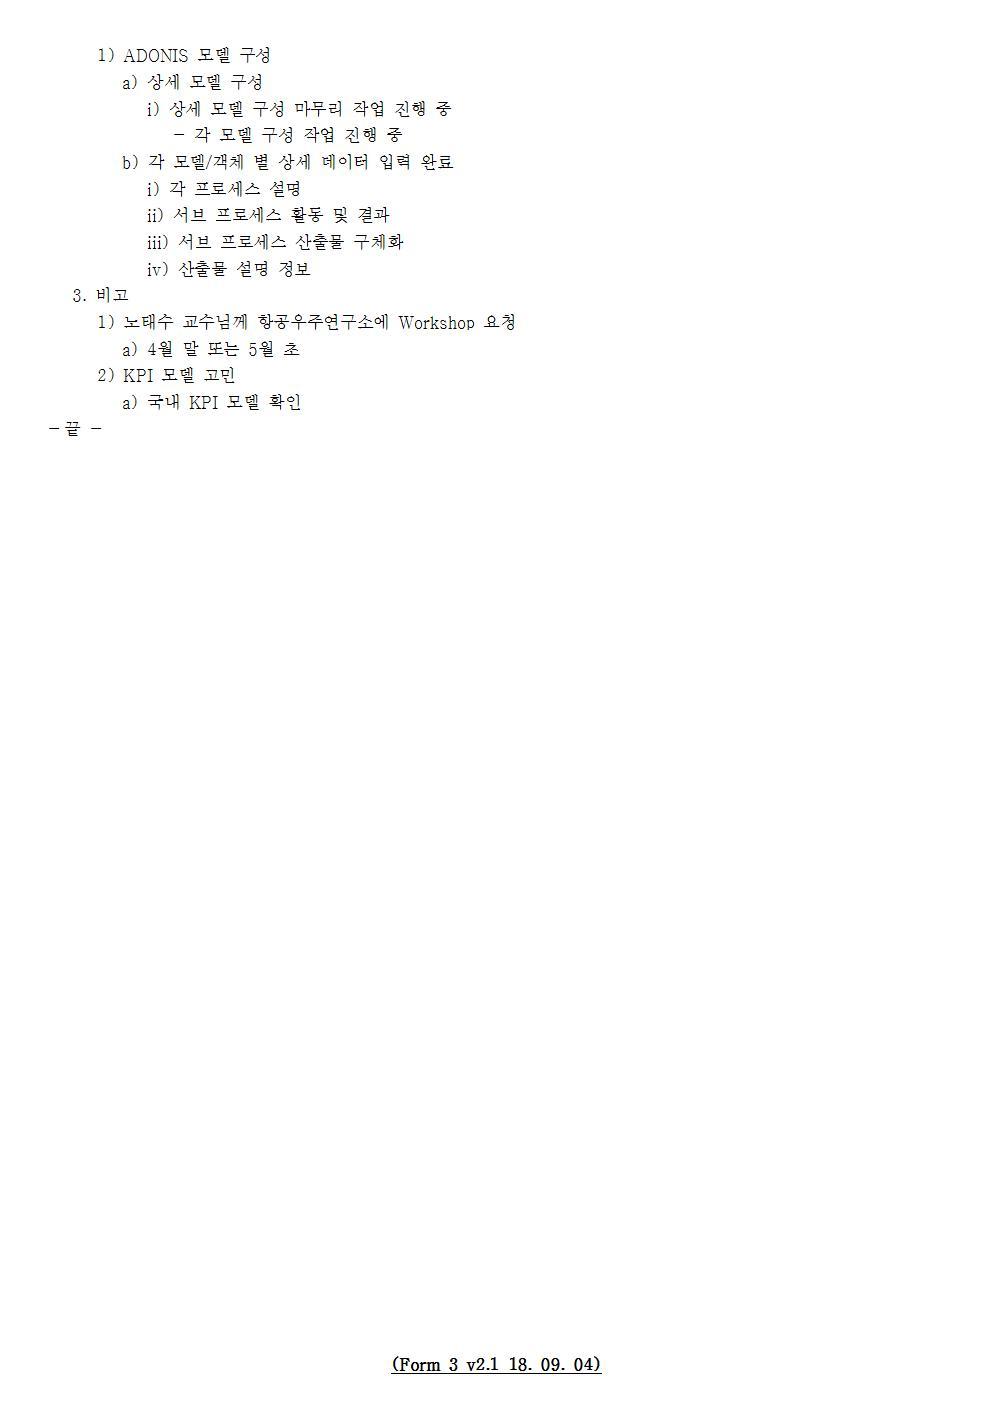 D-[19-004-RD-04]-[CMS]-[2019-03-28][YB]002.jpg